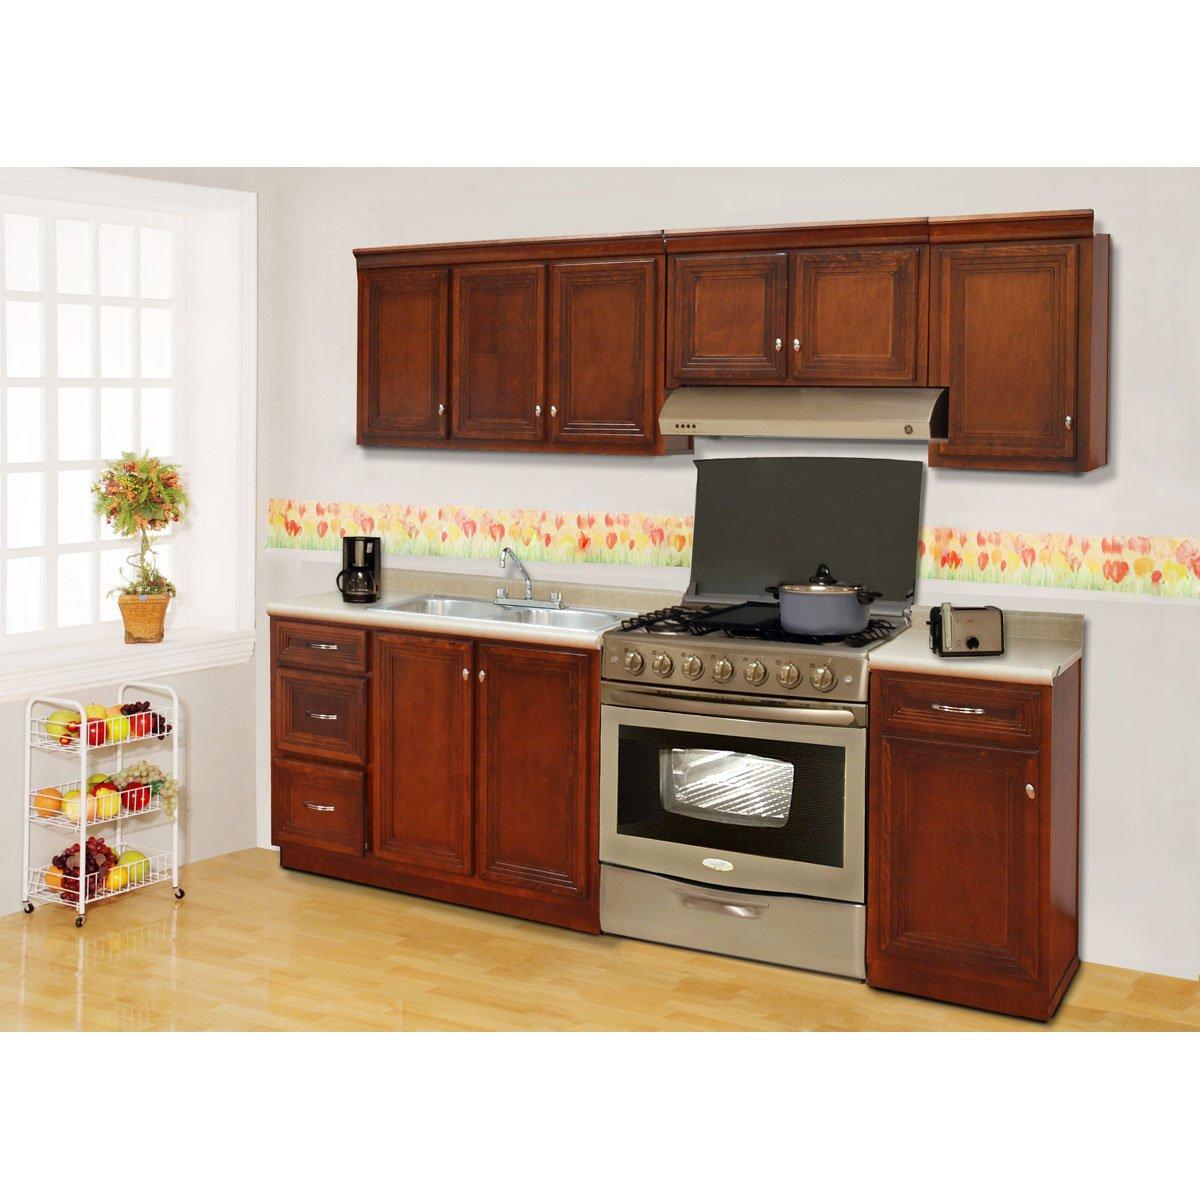 Increíble Cortinas De La Cocina Sears Bandera - Como Decorar la ...